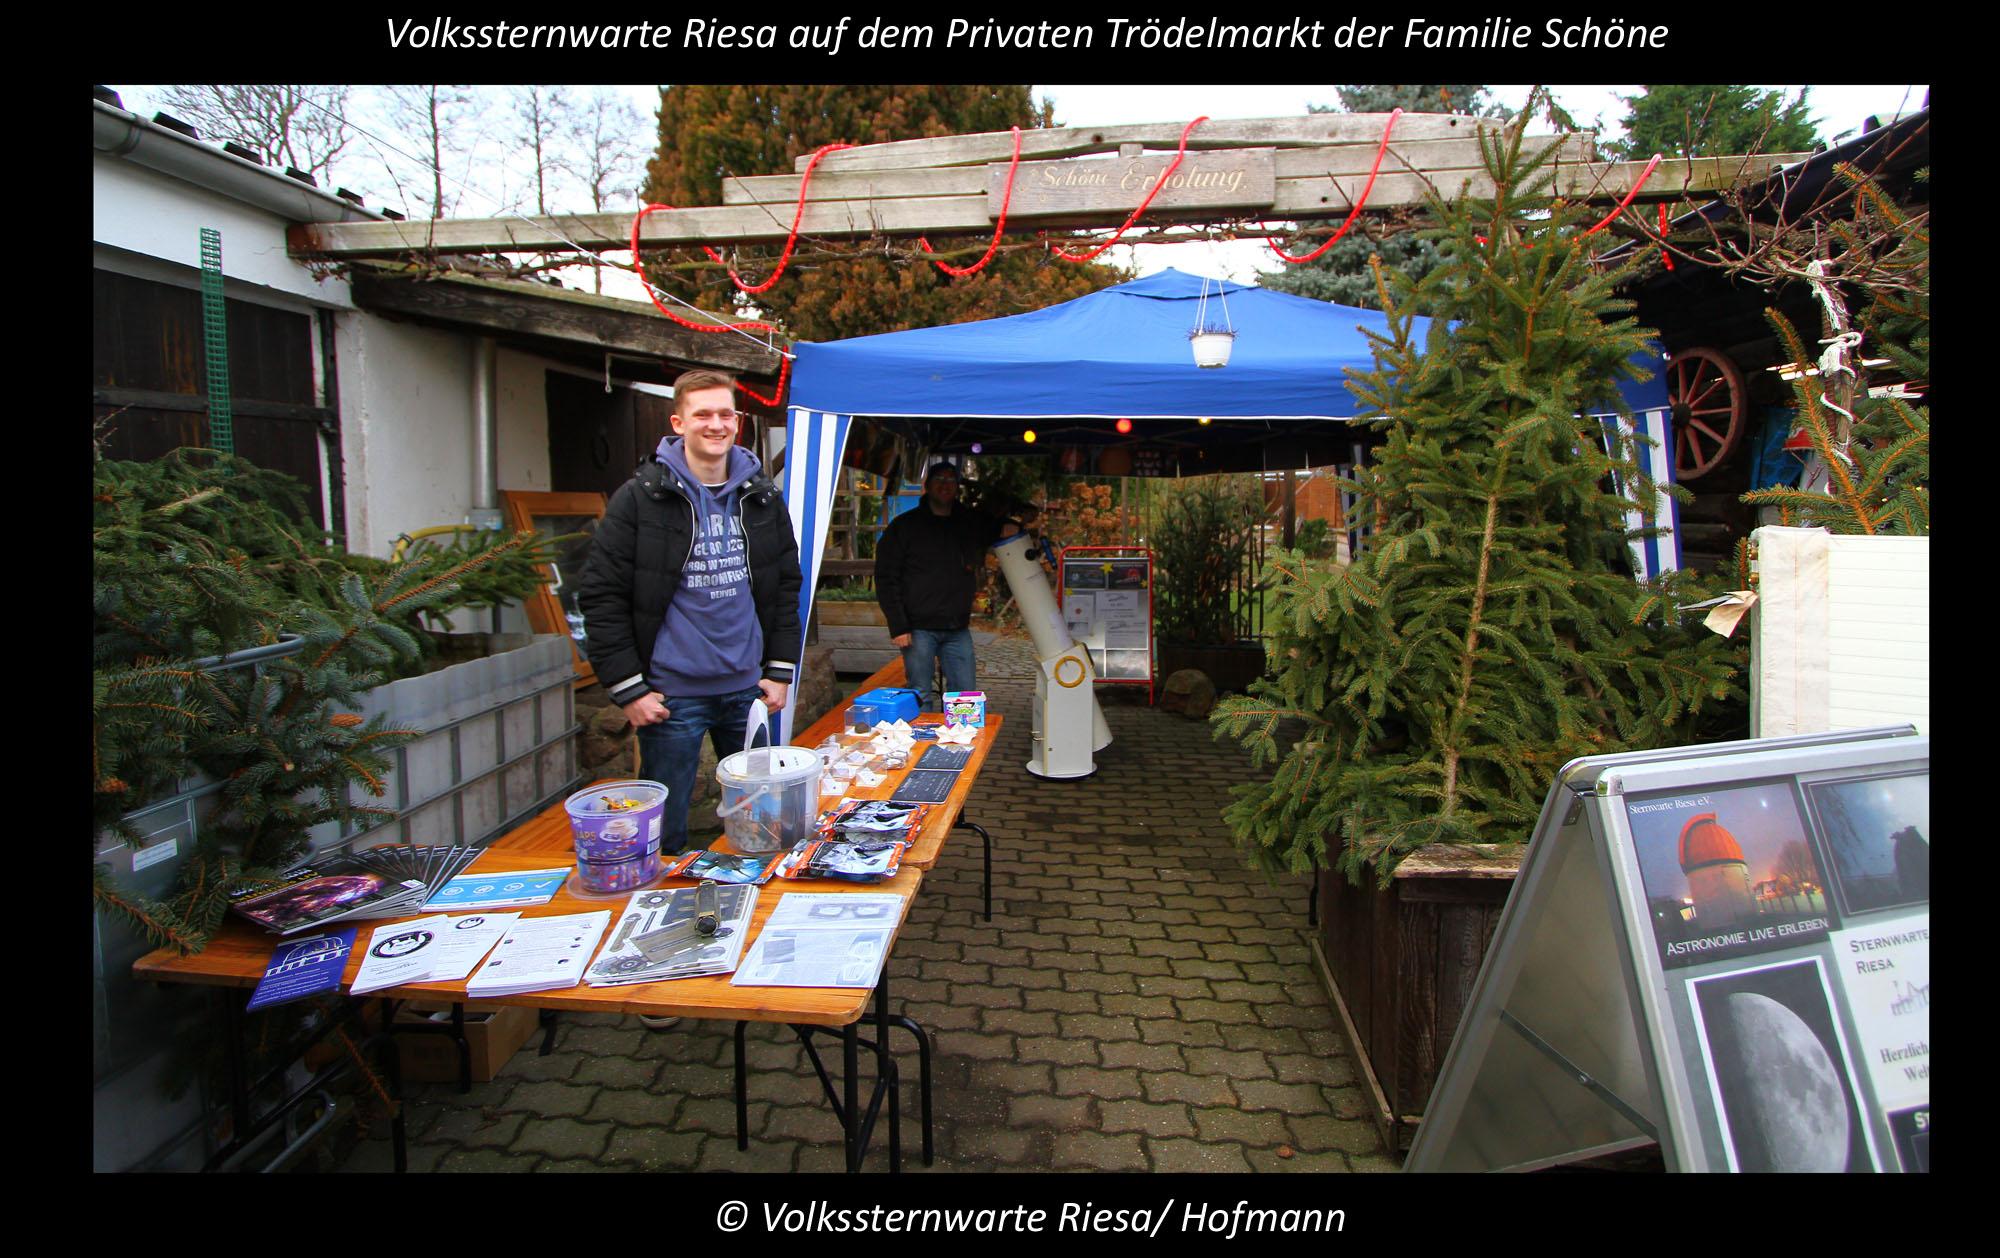 Volkssternwarte Riesa zu Gast auf dem Privaten Trödelmarkt.